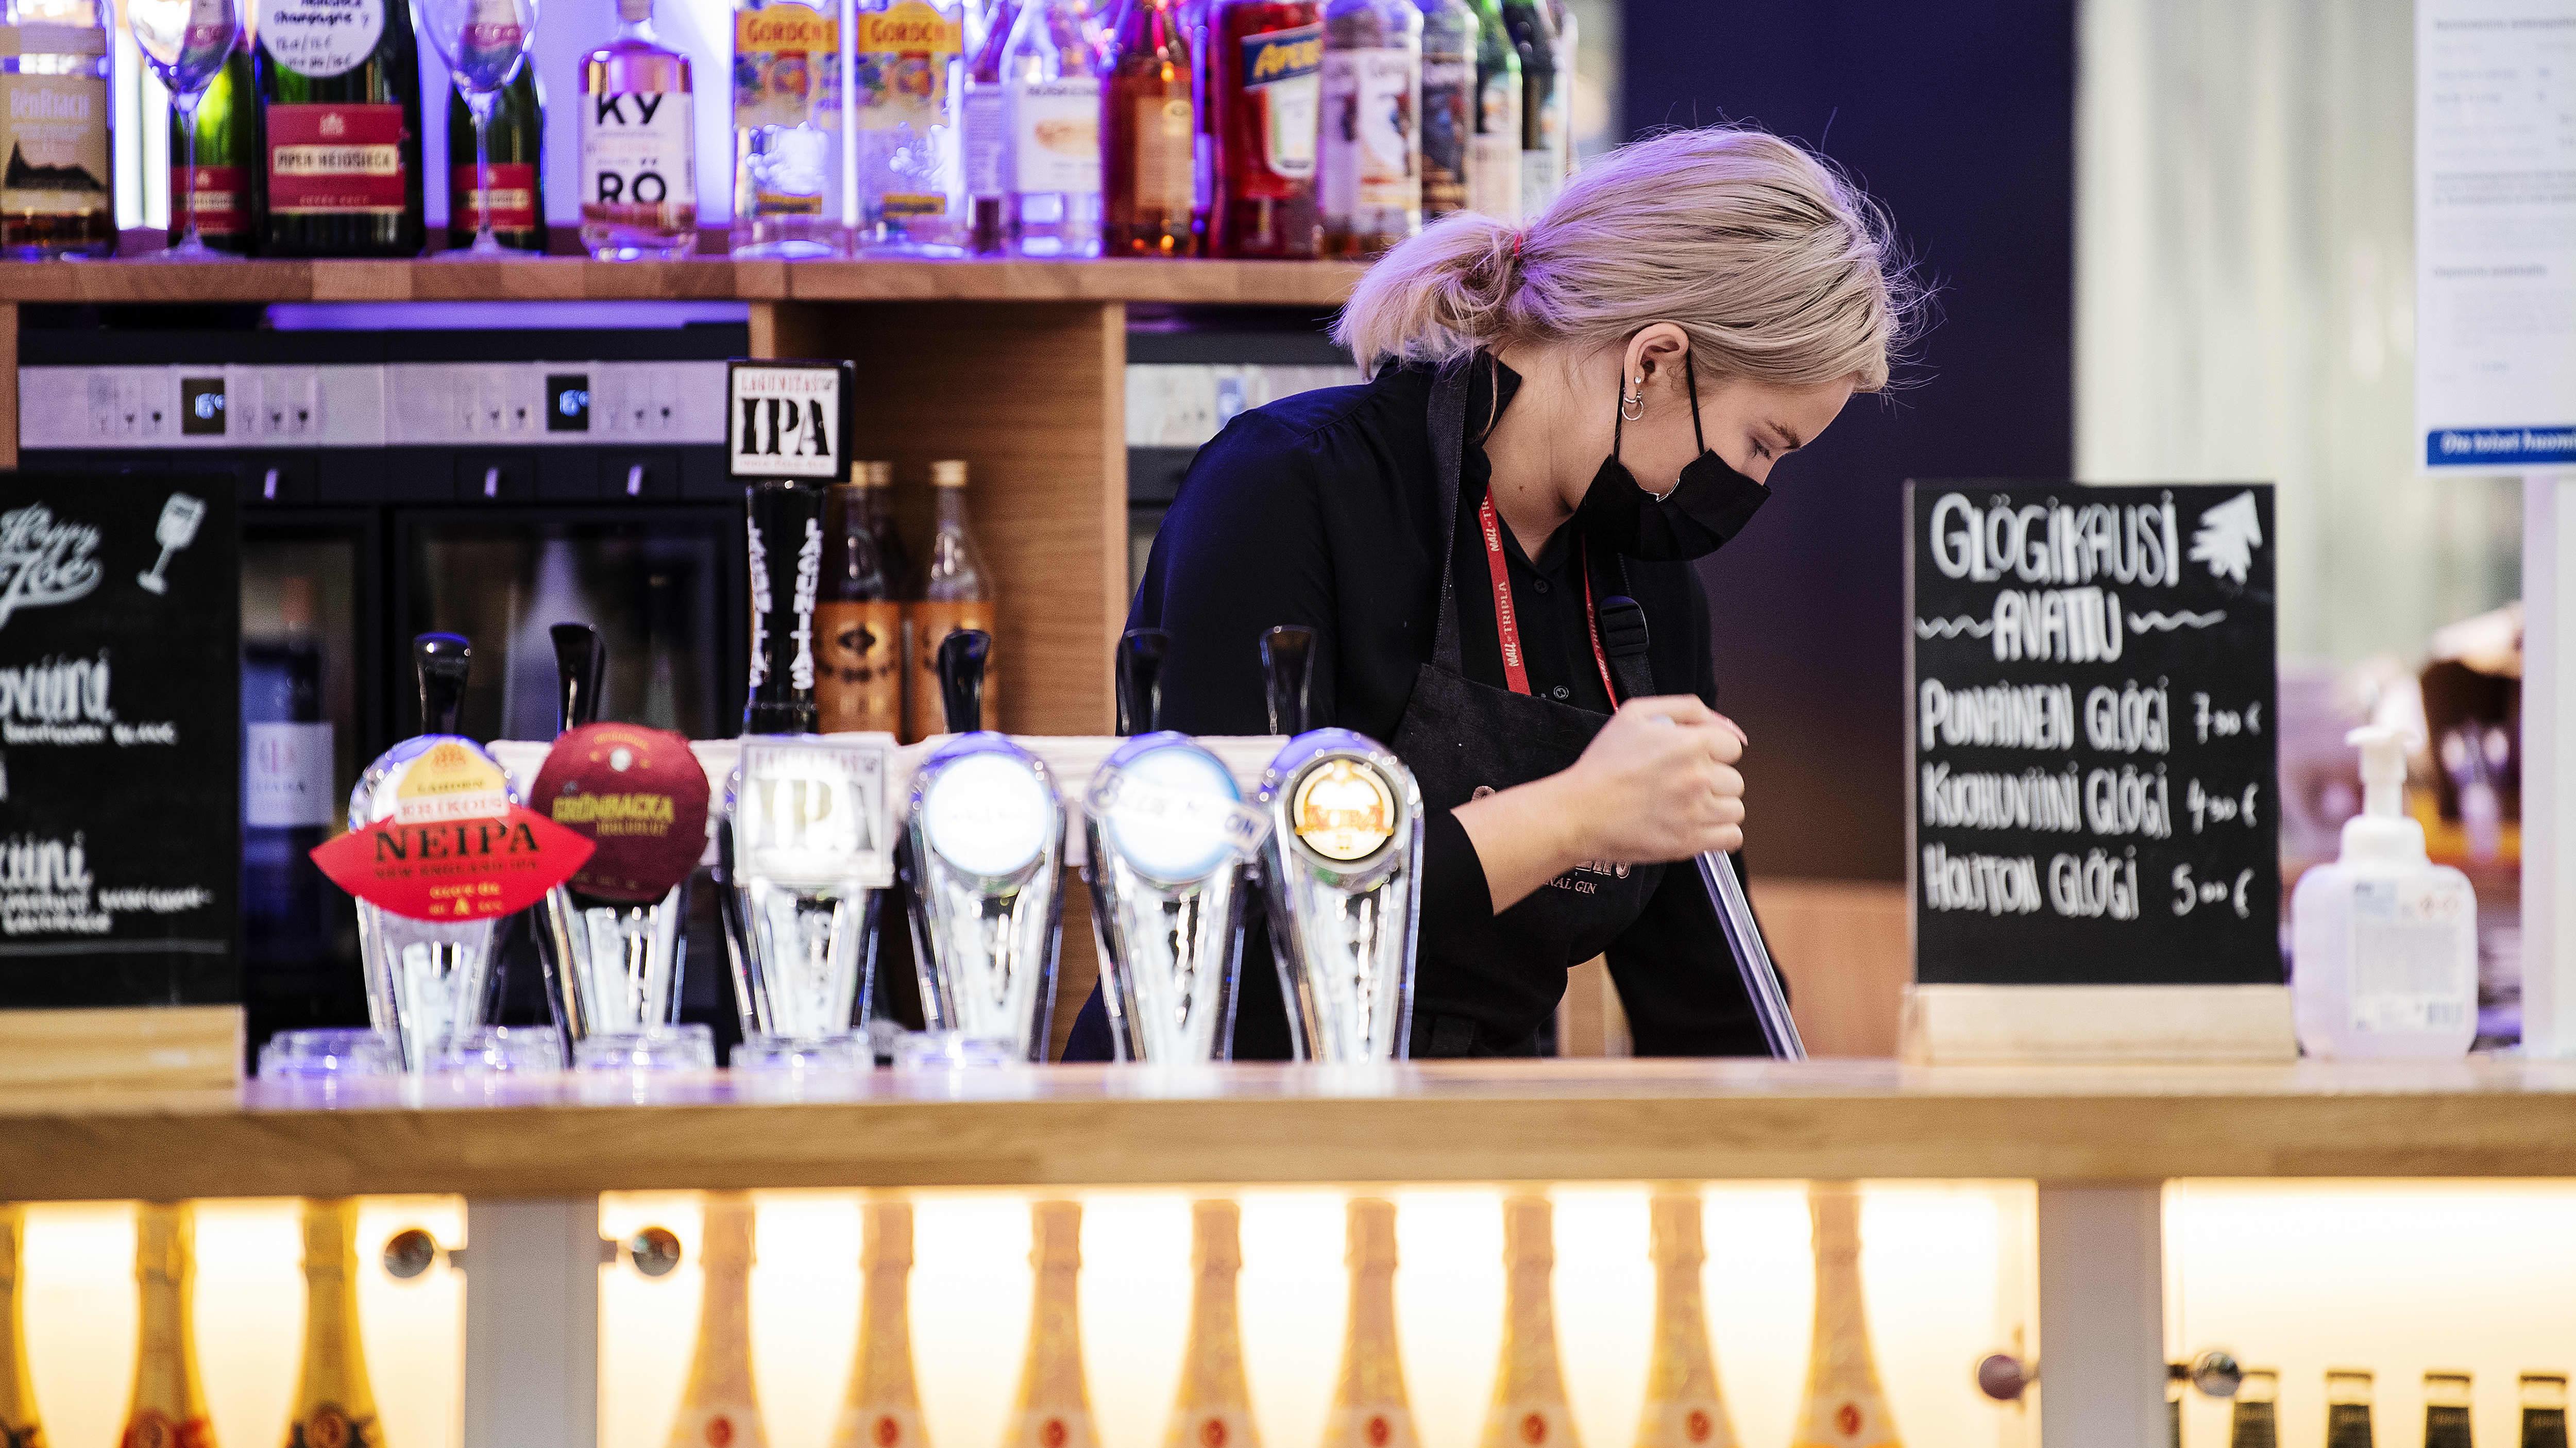 Työntekijä siistii paikkoja ravintolassa Triplassa joulukuussa 2020.